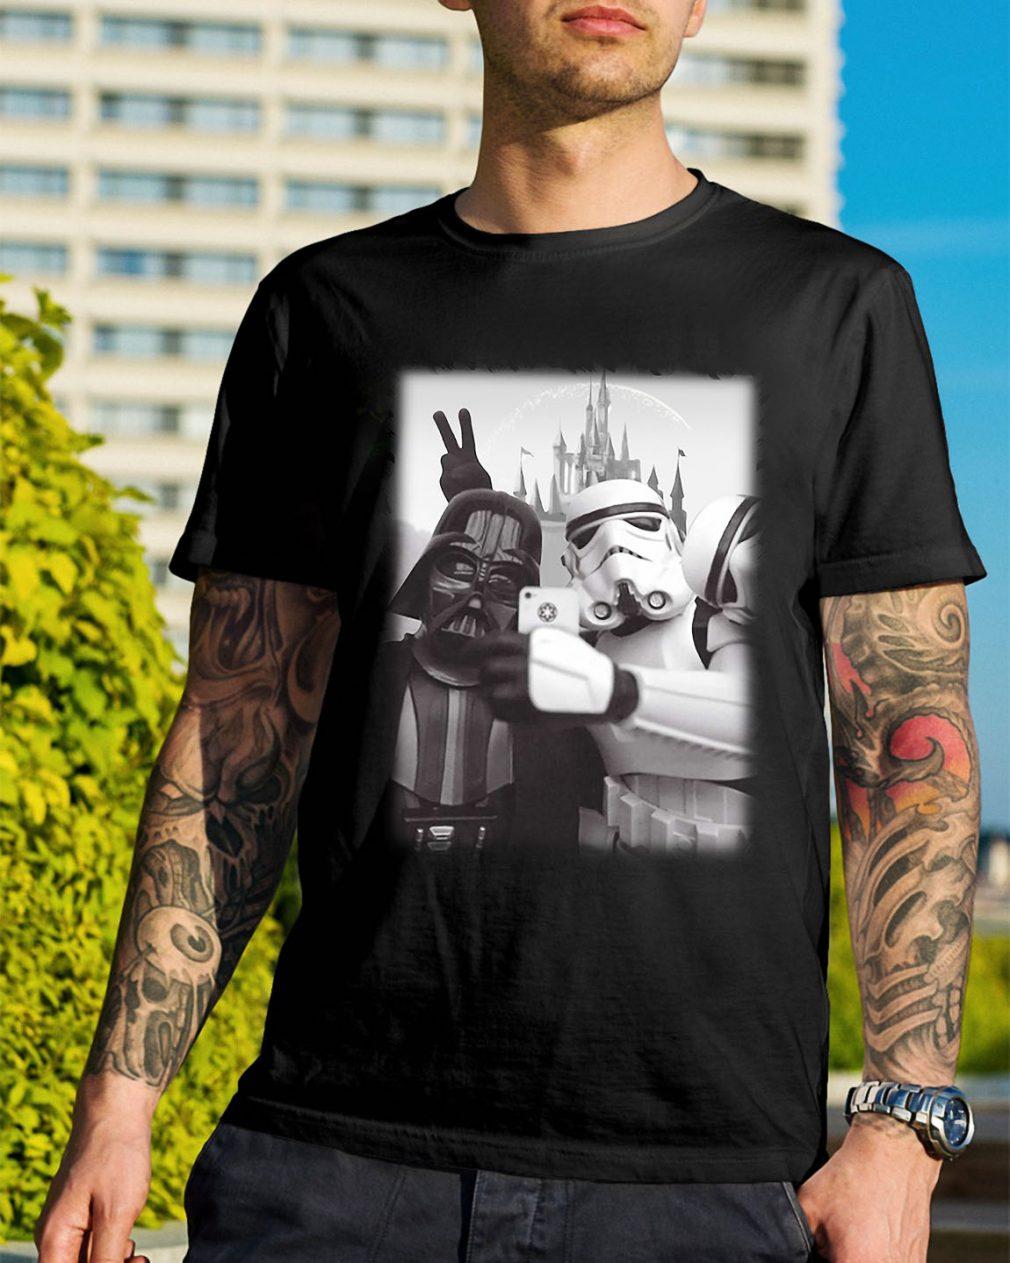 Star Wars Stormtrooper and Darth Vader selfie together shirt